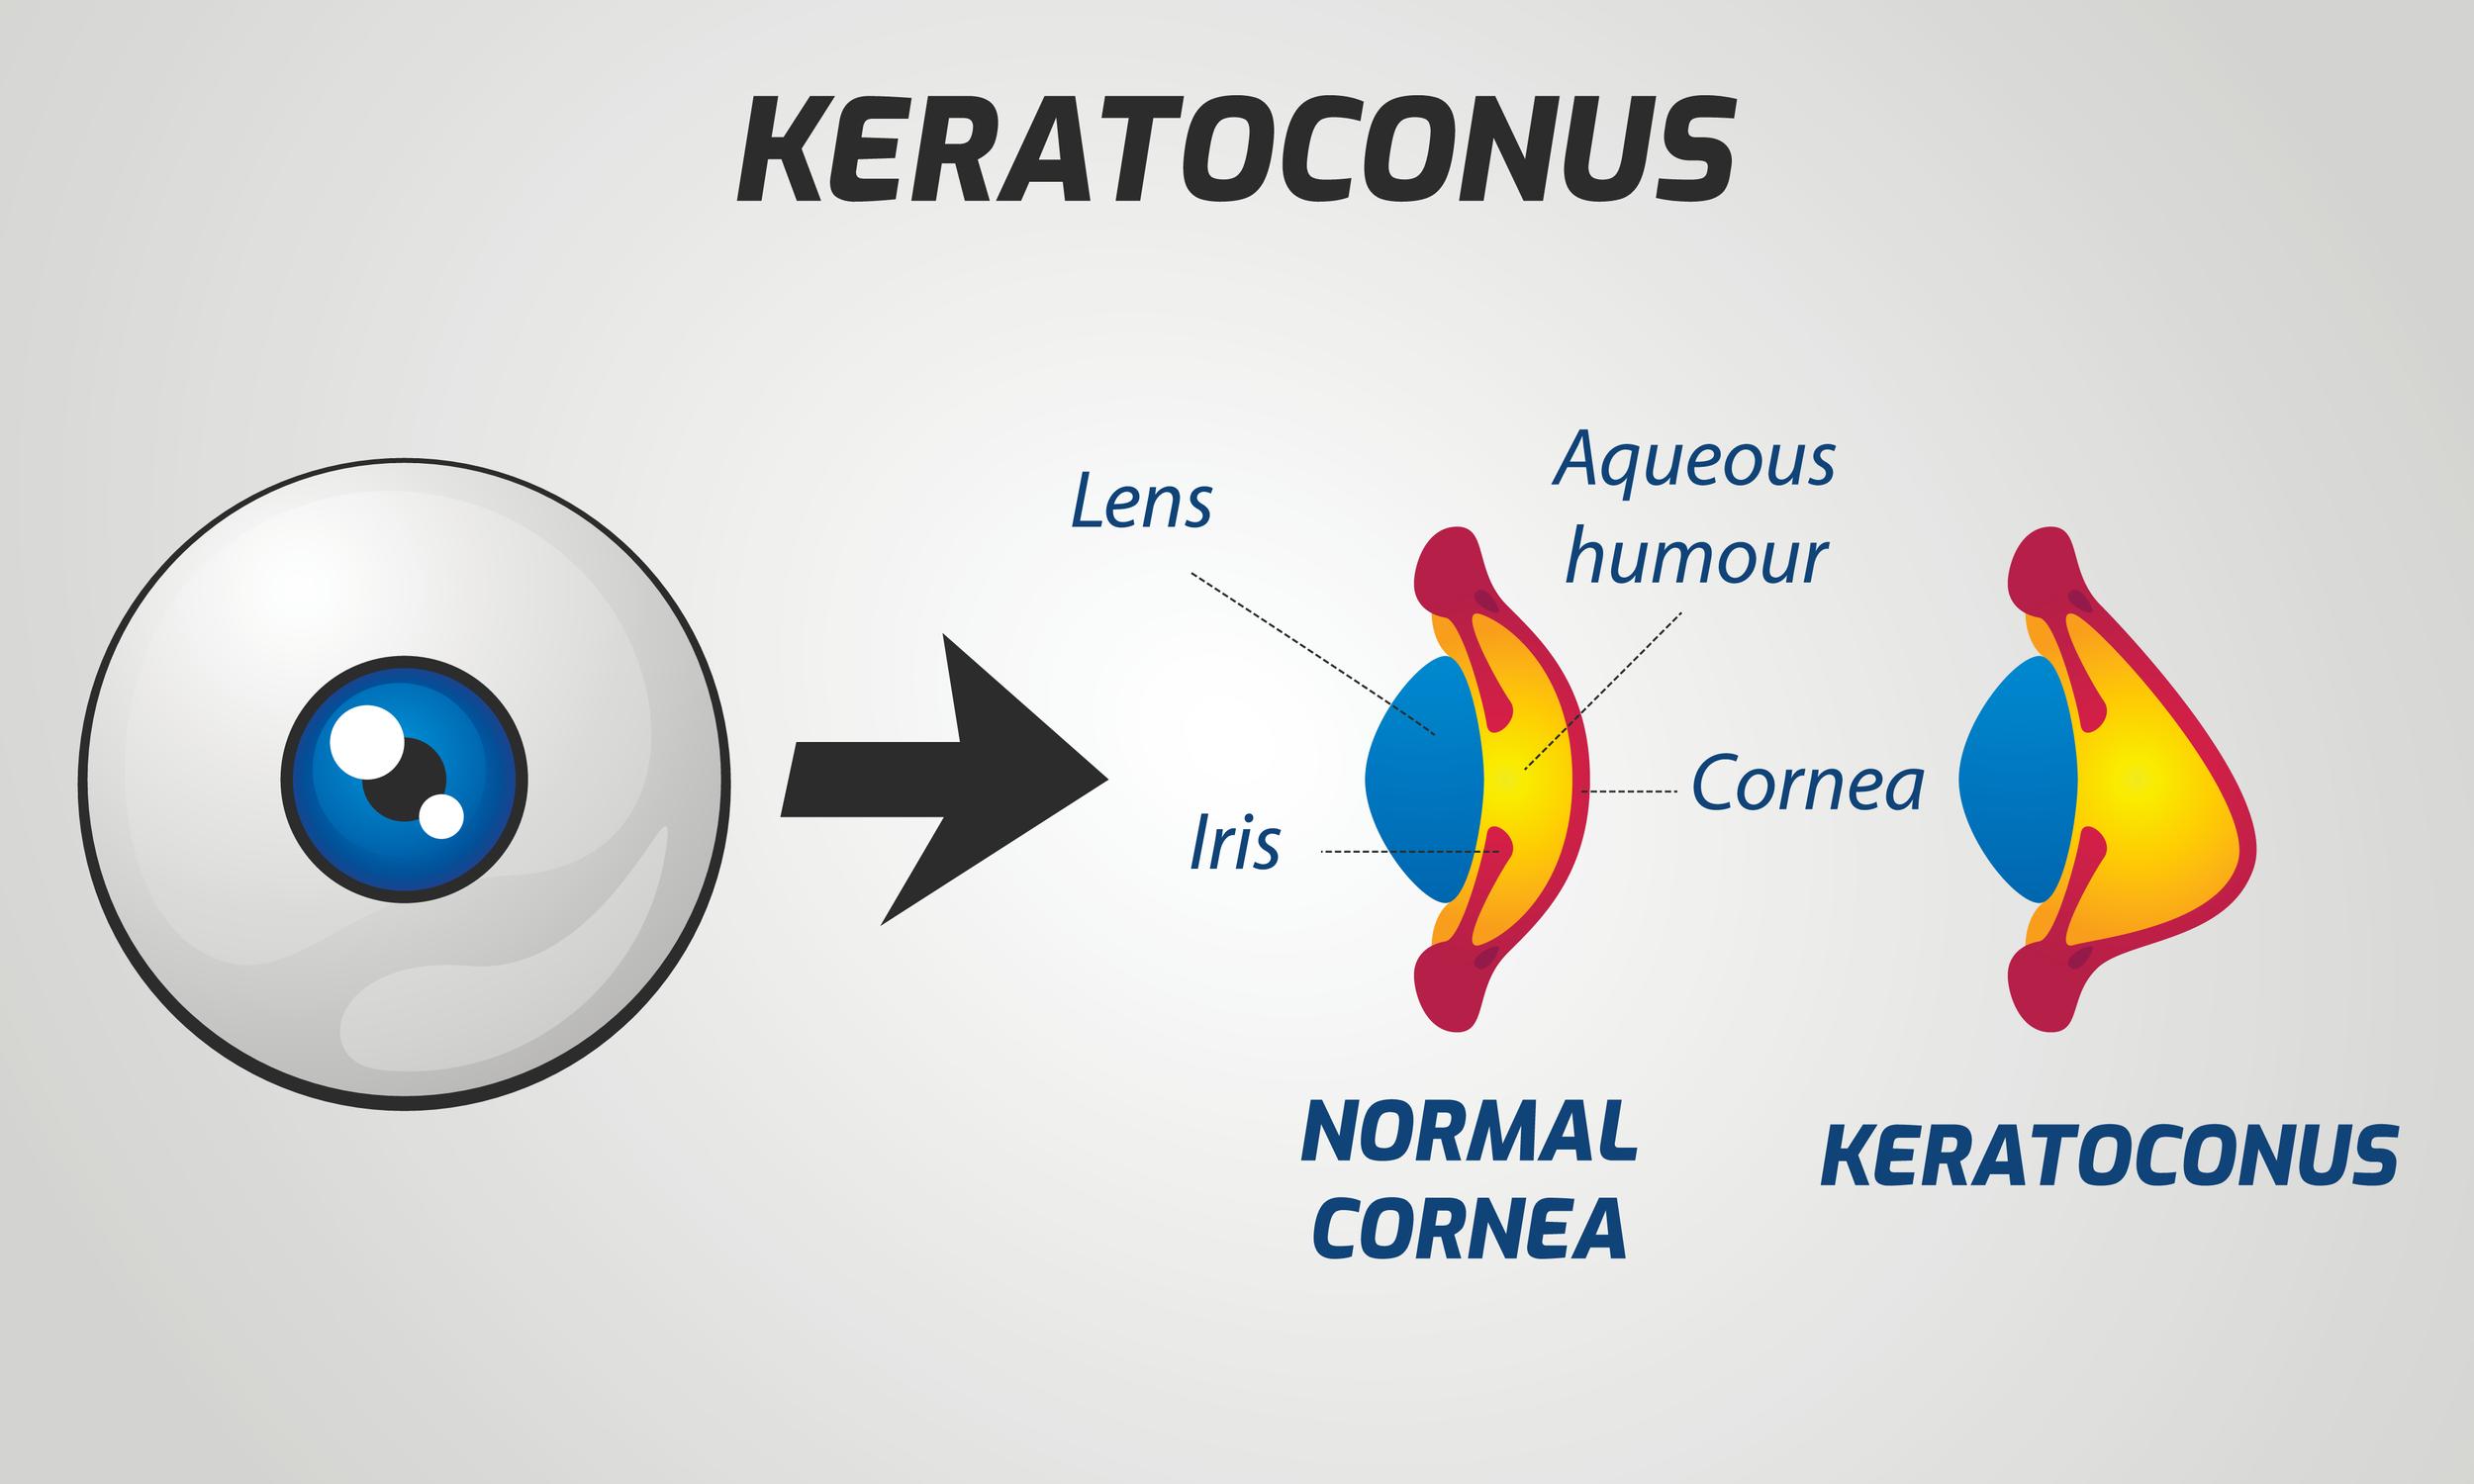 Specialty Contact Lenses to Treat Keratoconus